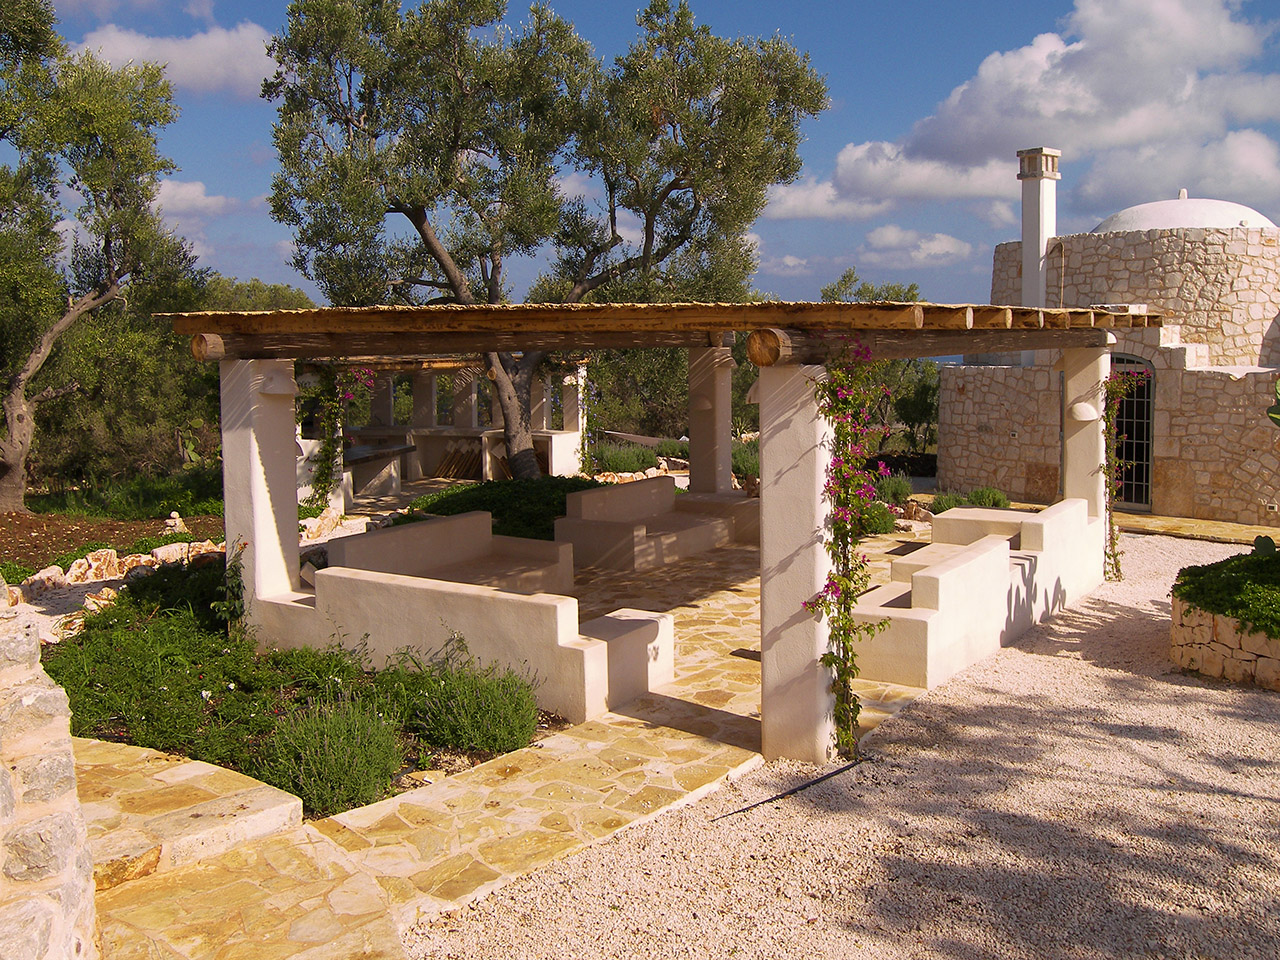 costruzioni restauri sirio ostuni residenza privata tamburroni ostuni 100 5356